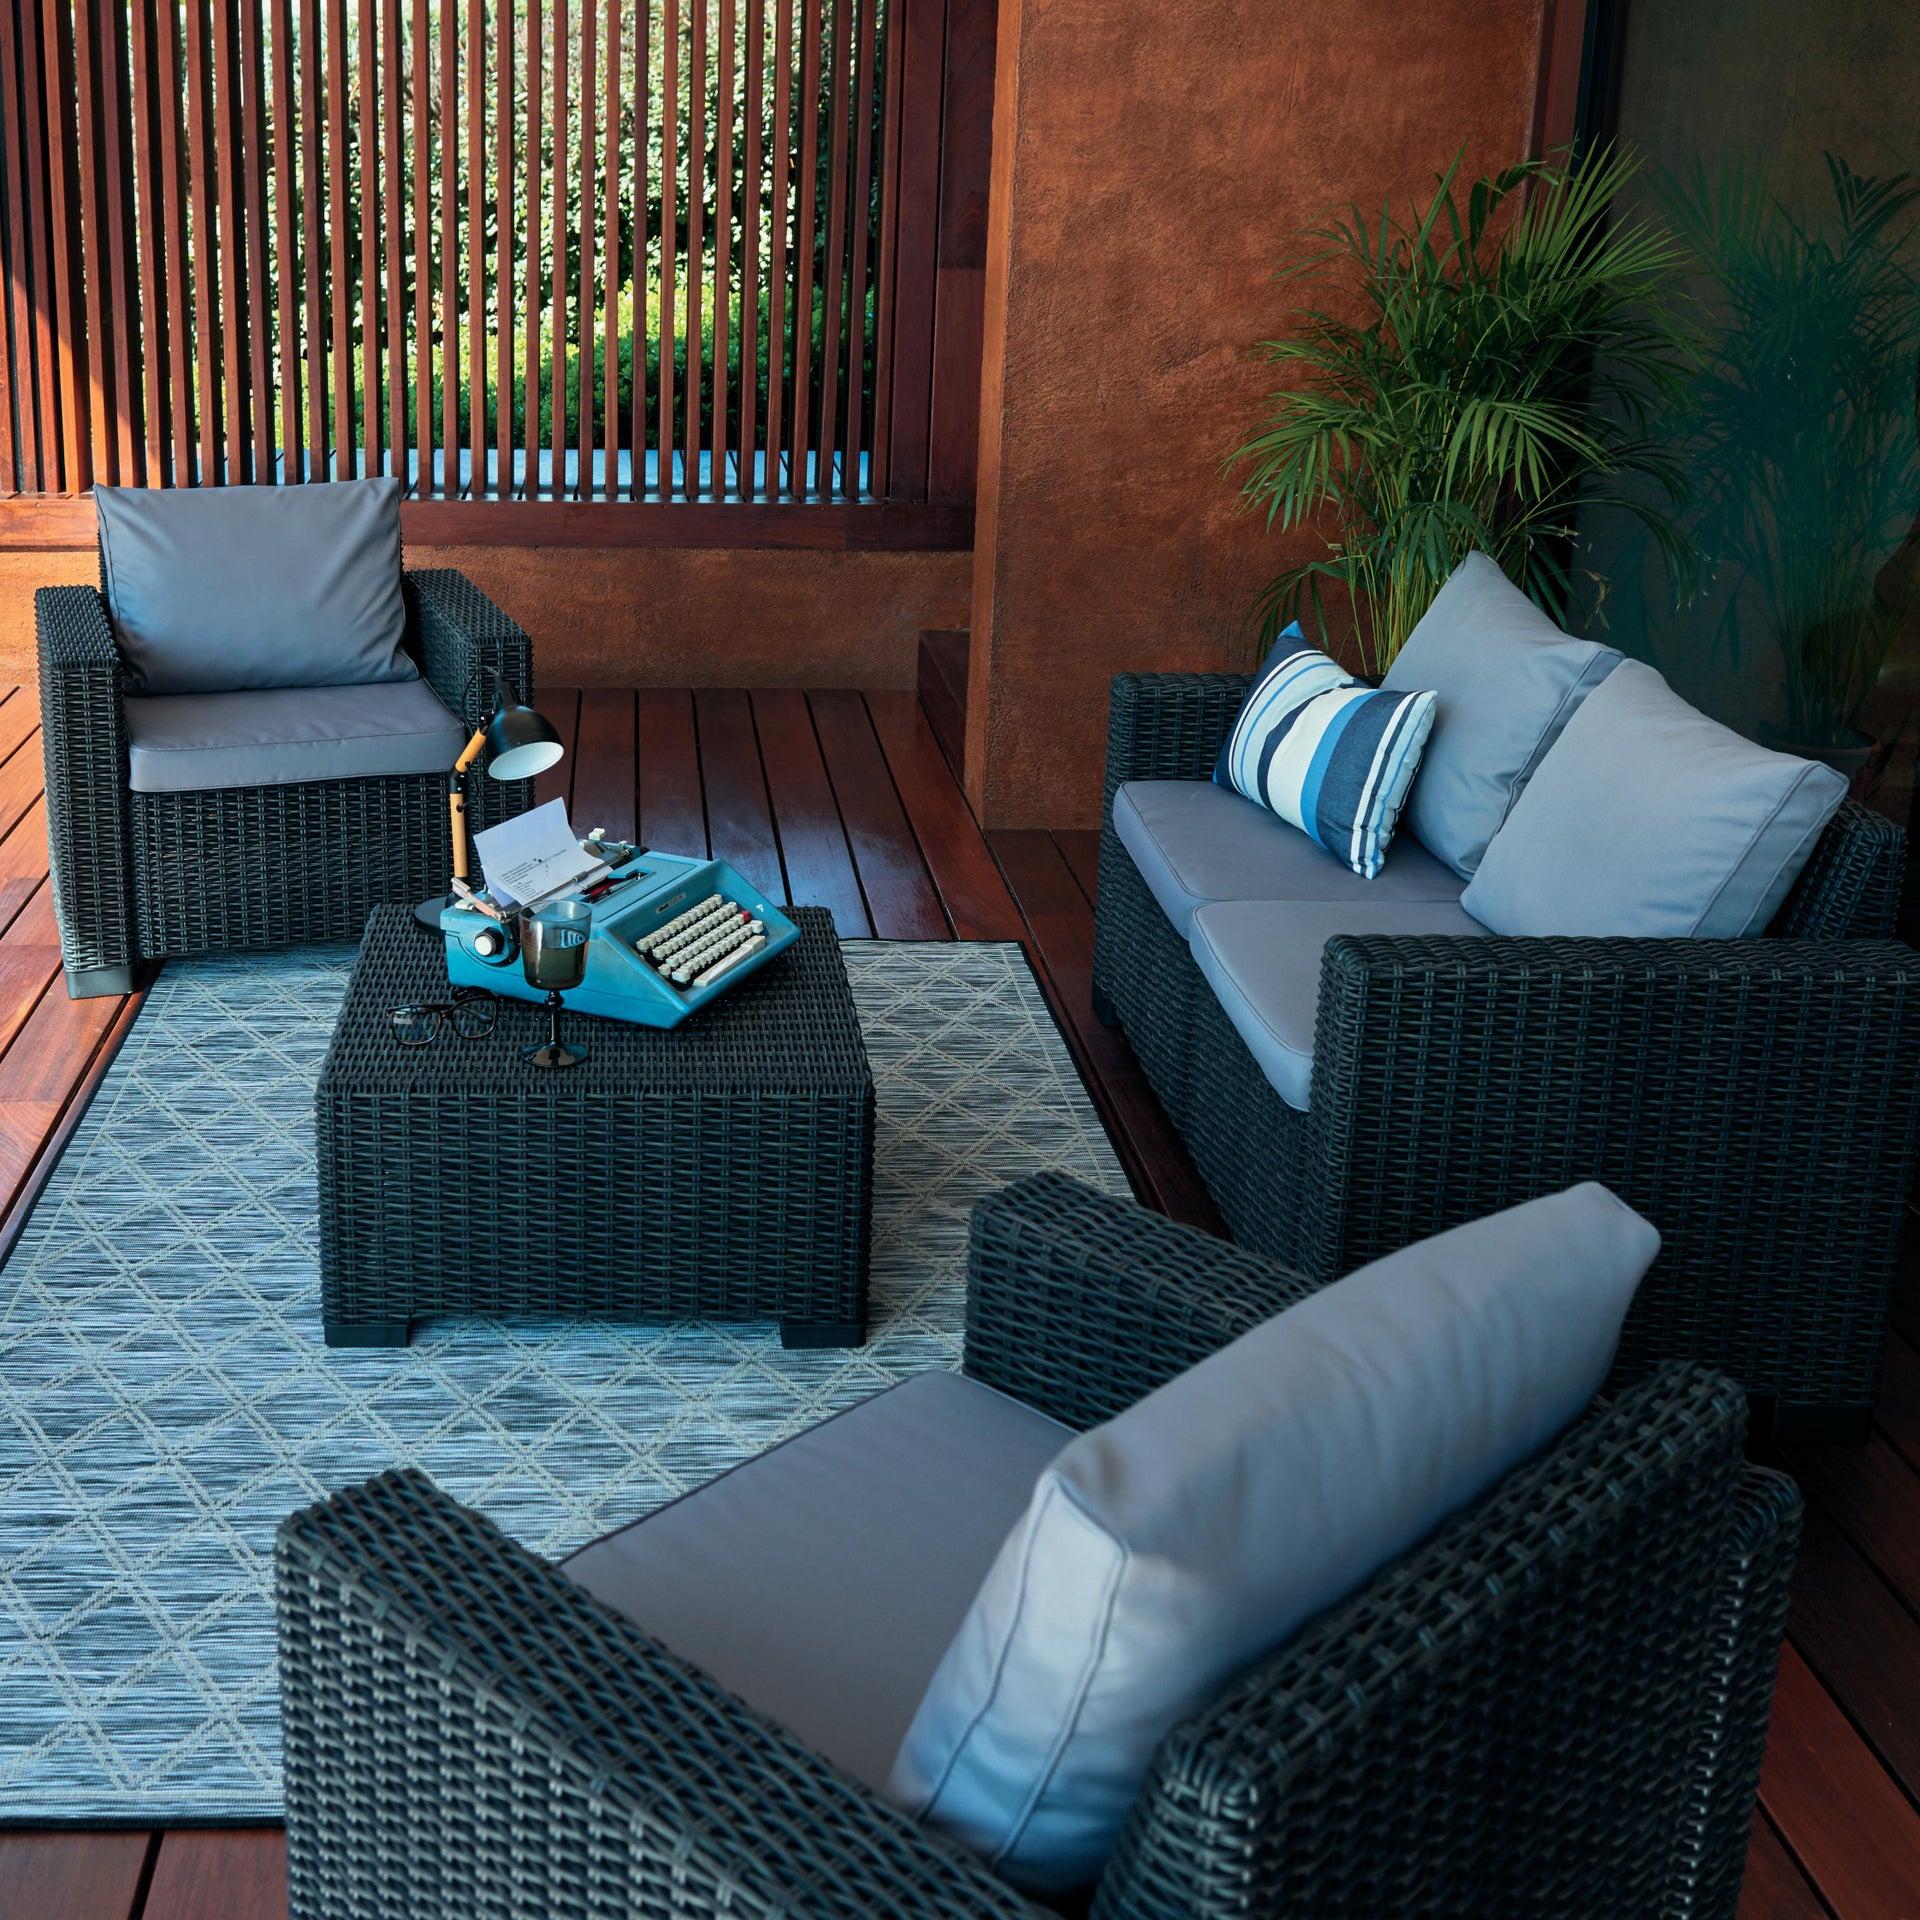 Divano da giardino con cuscino 2 posti in resina California colore antracite - 6